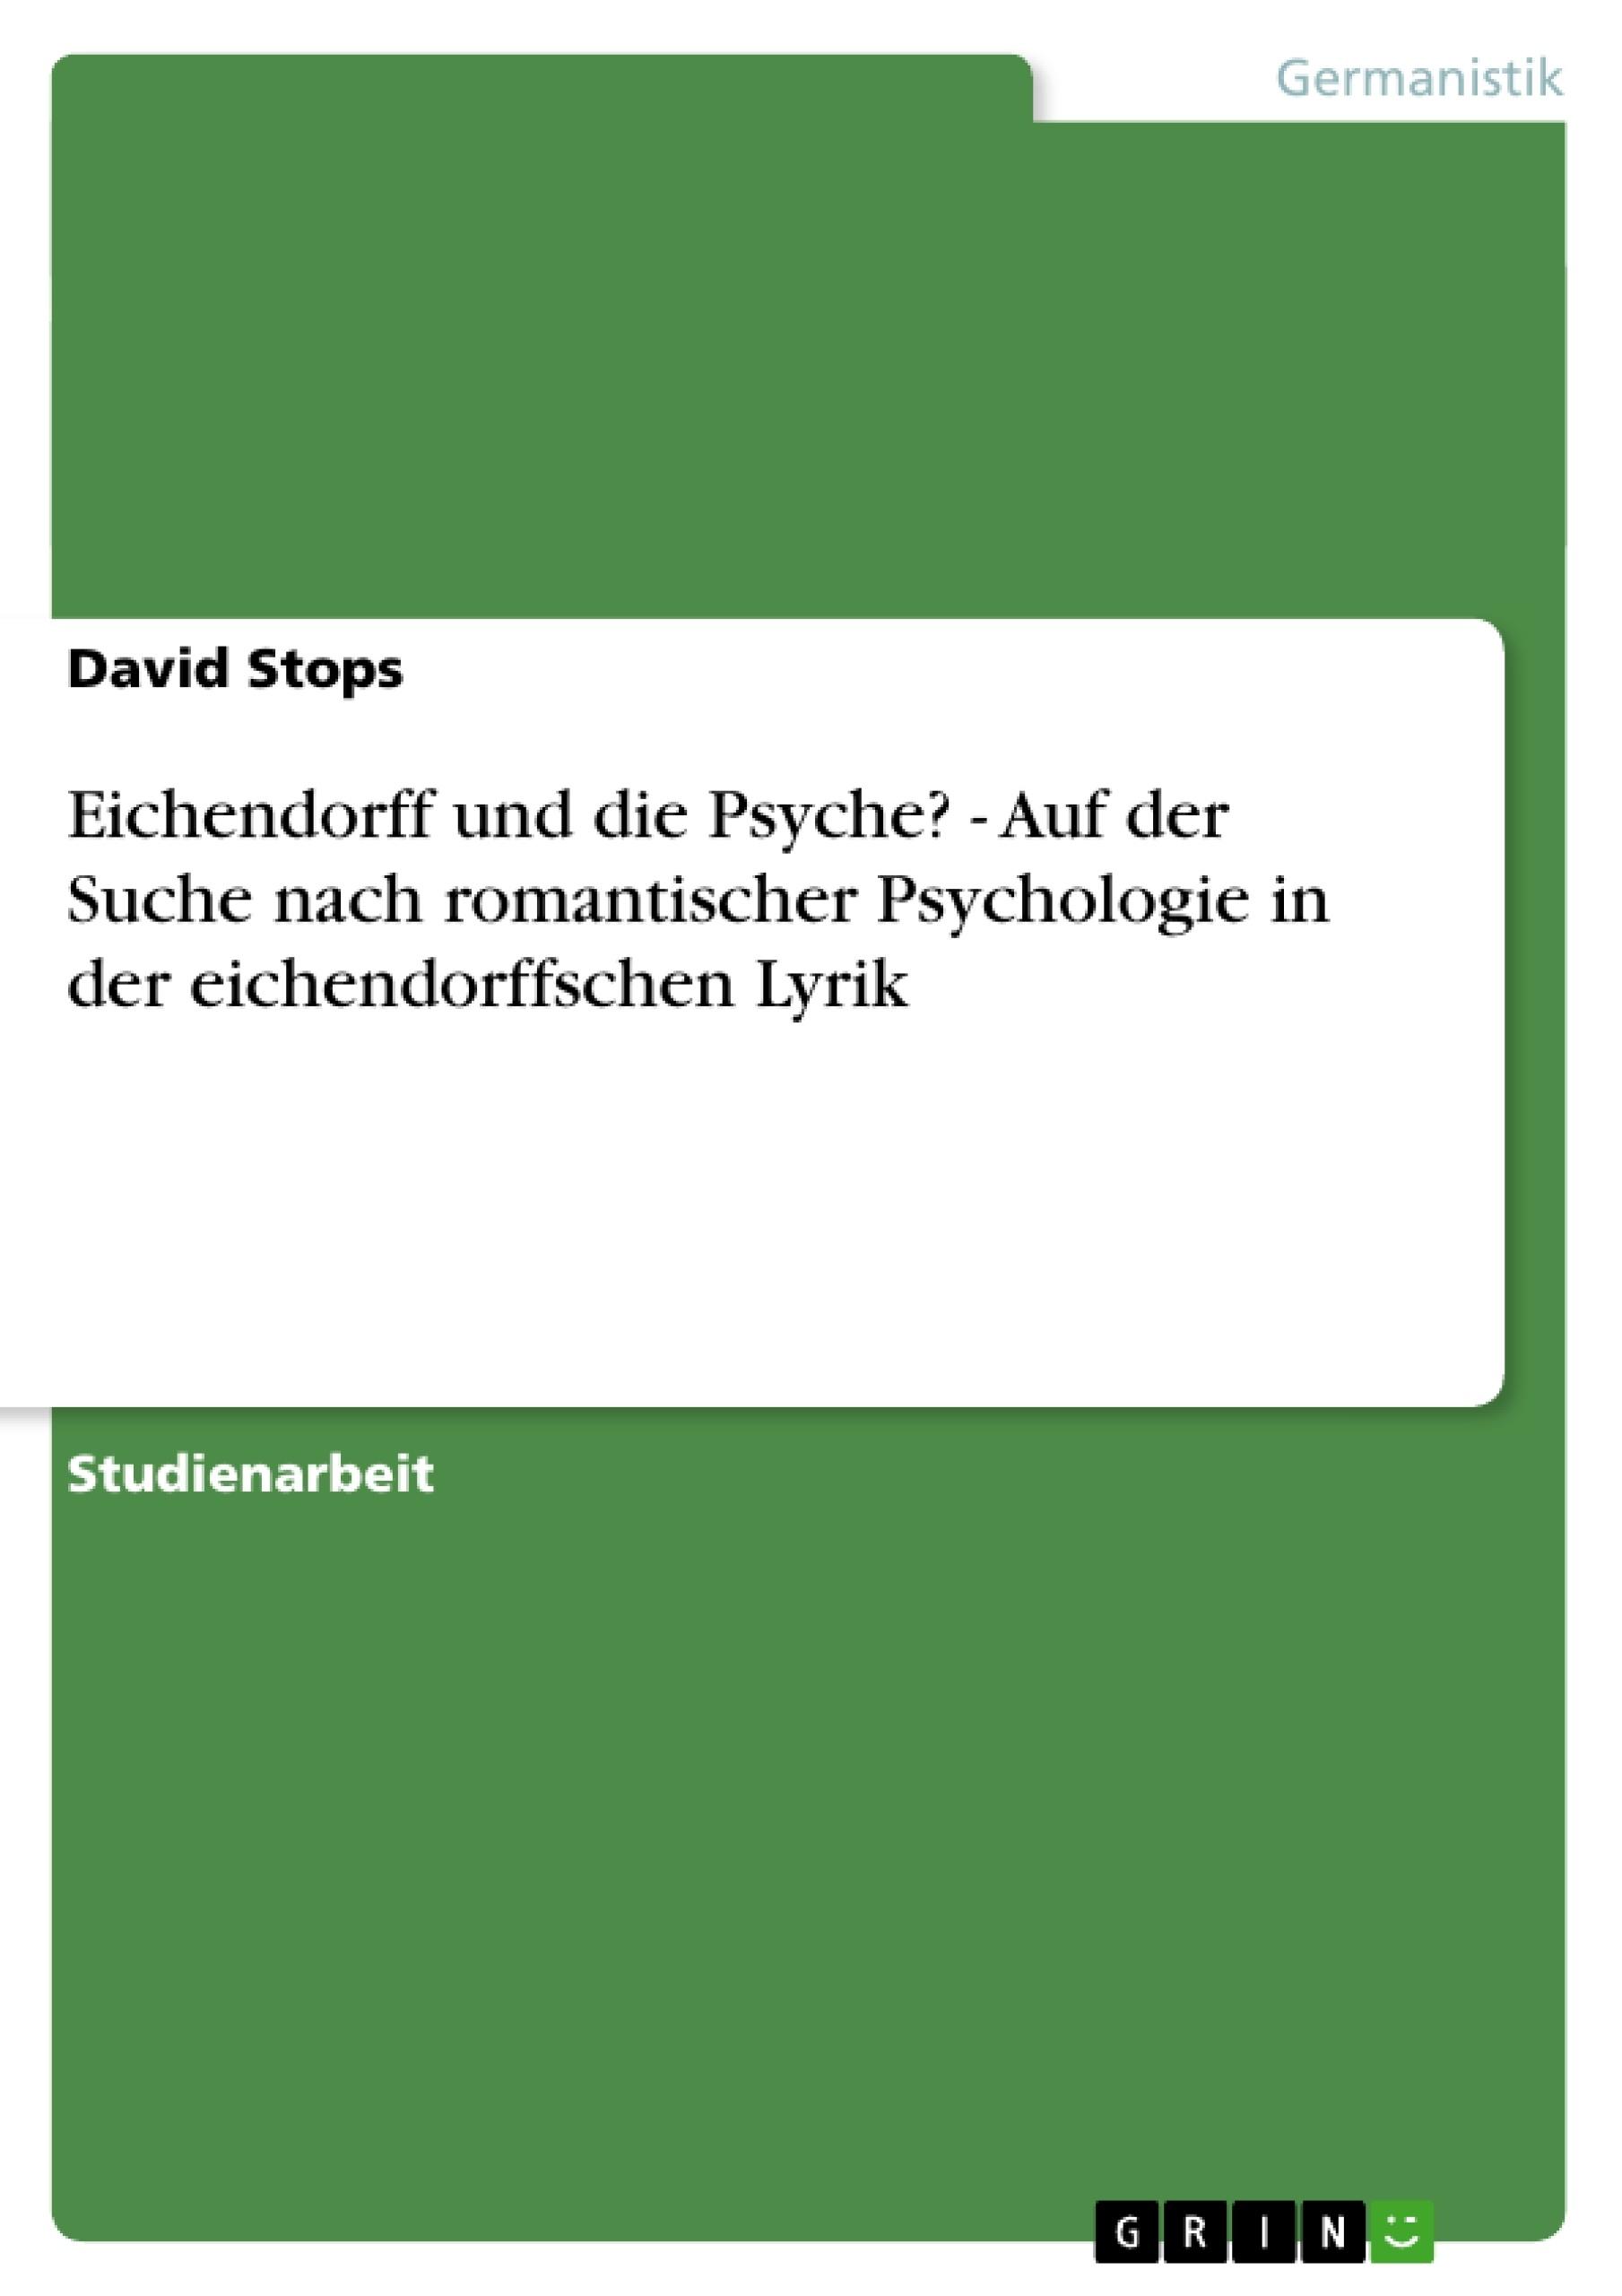 Titel: Eichendorff und die Psyche? - Auf der Suche nach romantischer Psychologie in der eichendorffschen Lyrik